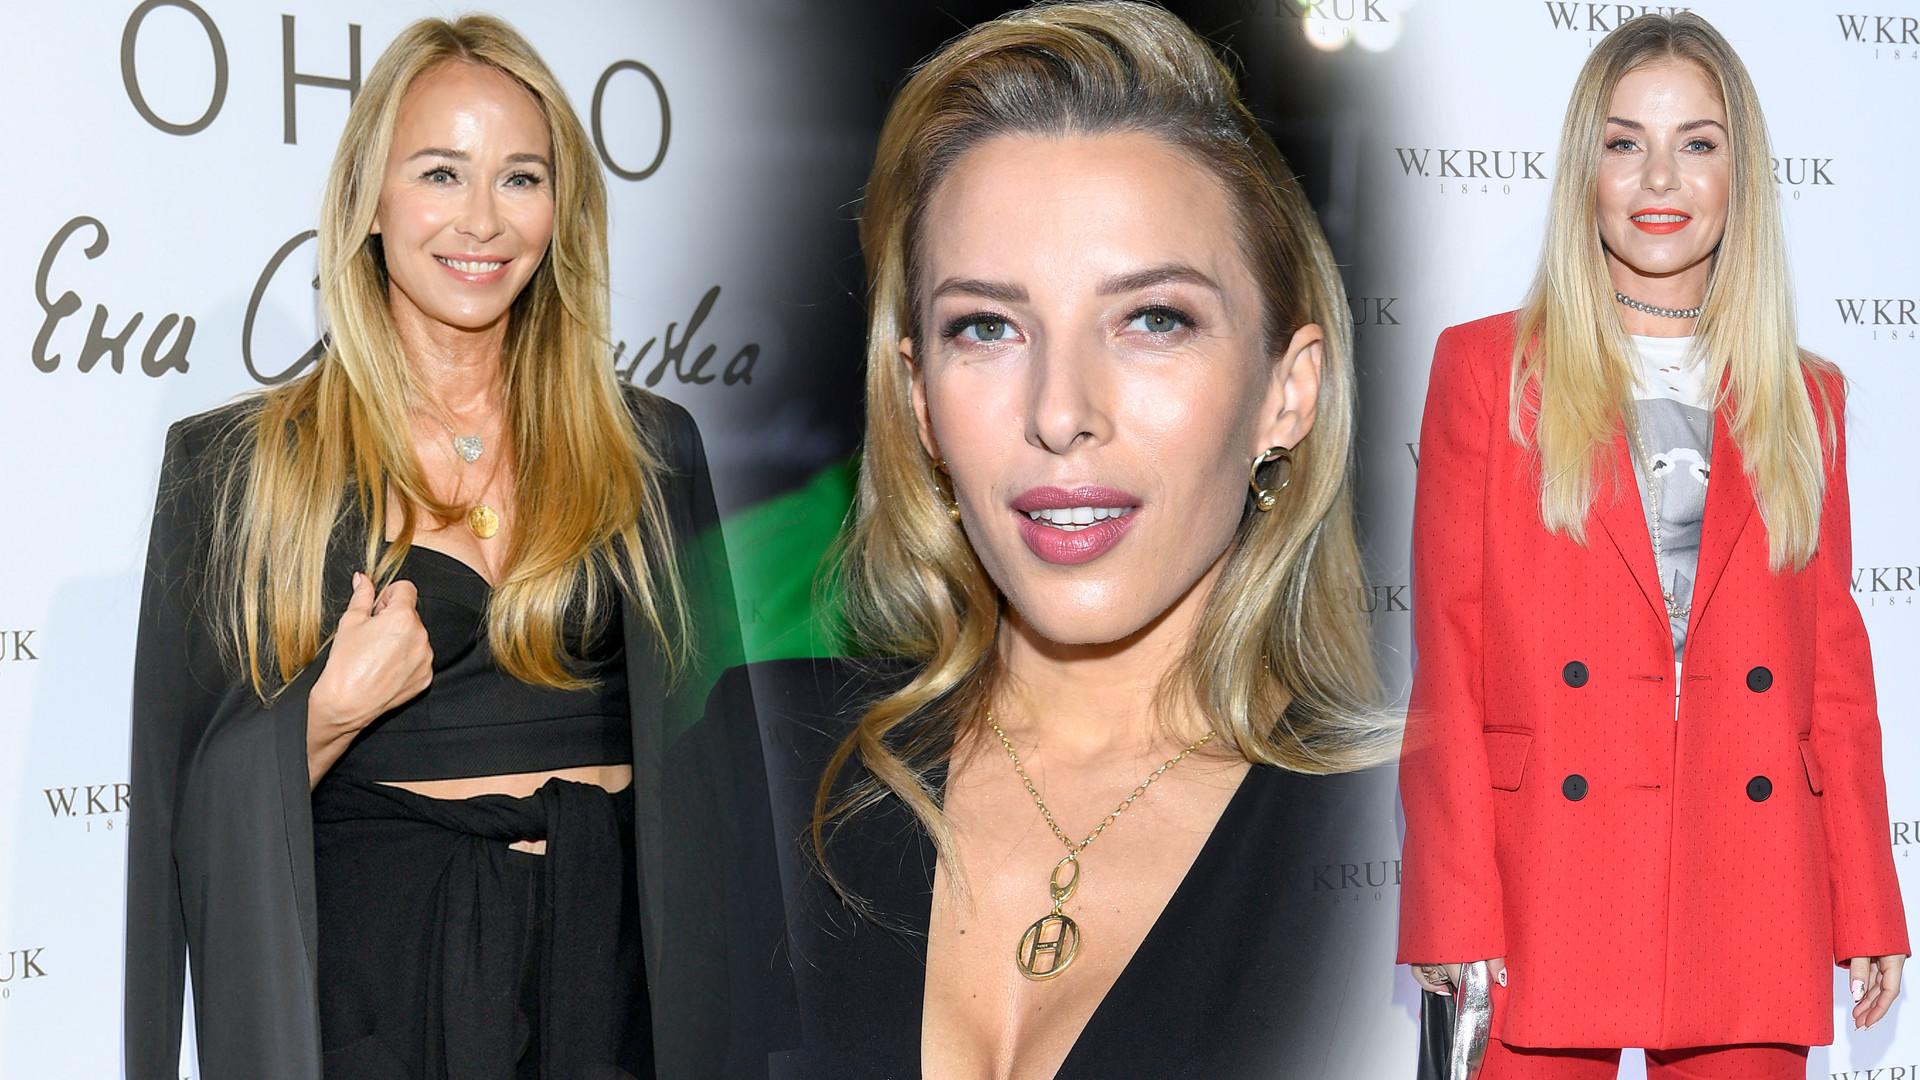 Gwiazdy na premierze kolekcji biżuterii Ewy Chodakowskiej